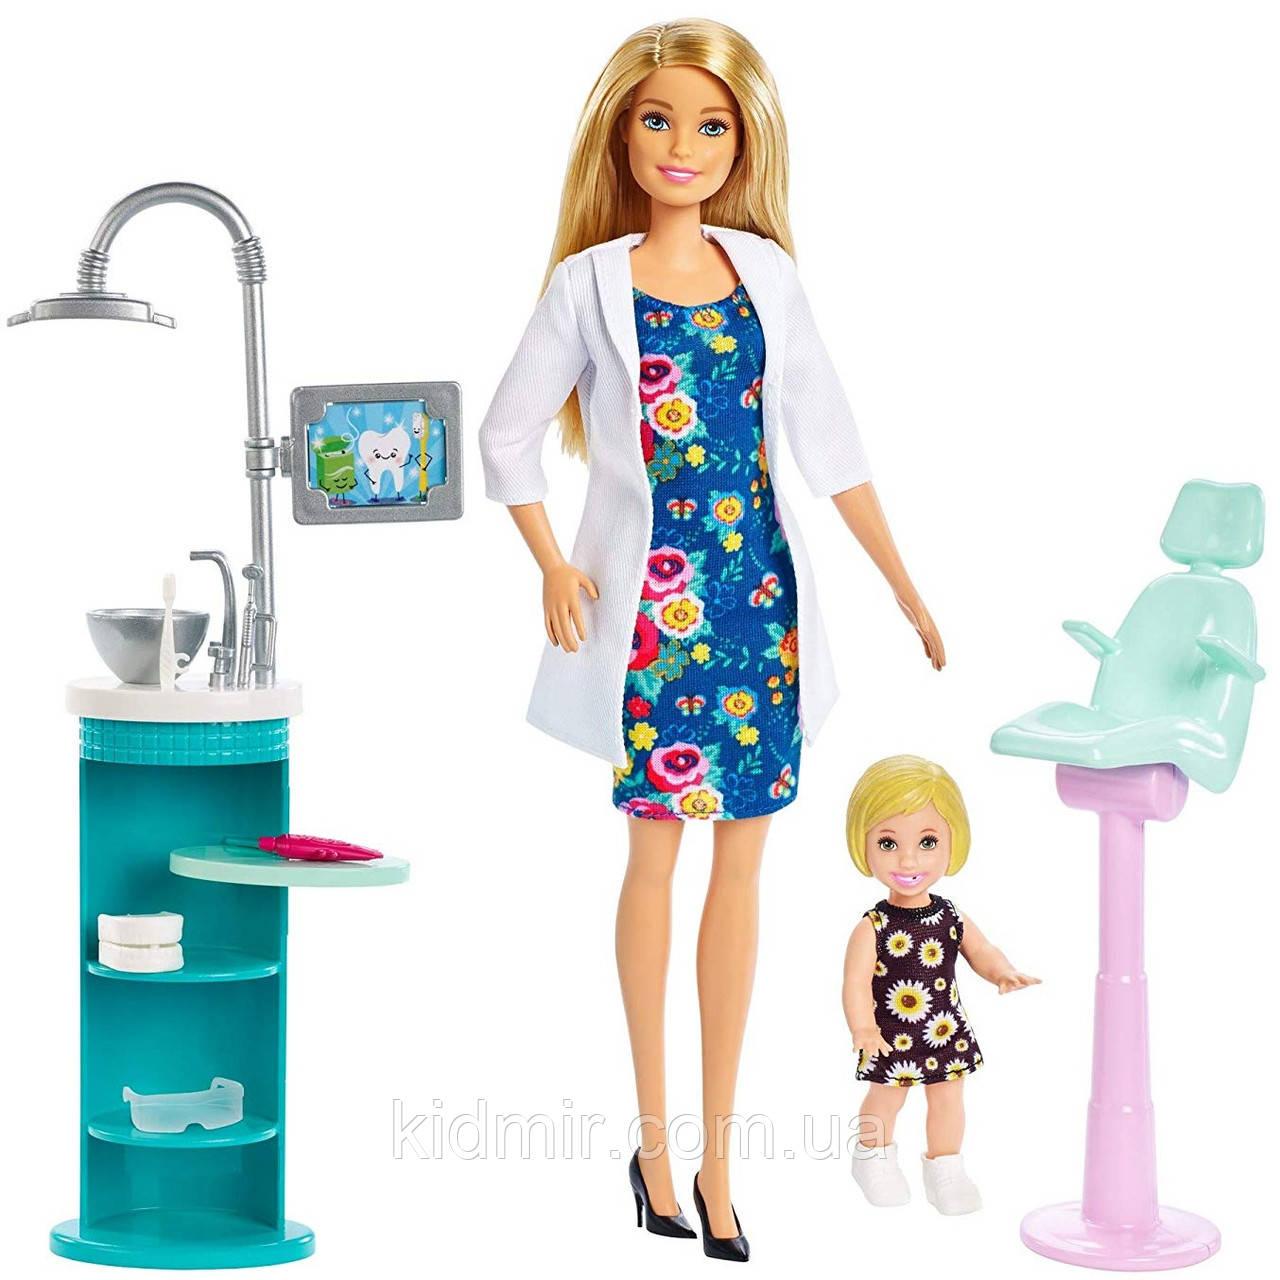 Кукла Барби Дантист Стоматолог Блондинка Barbie Dentist FXP16